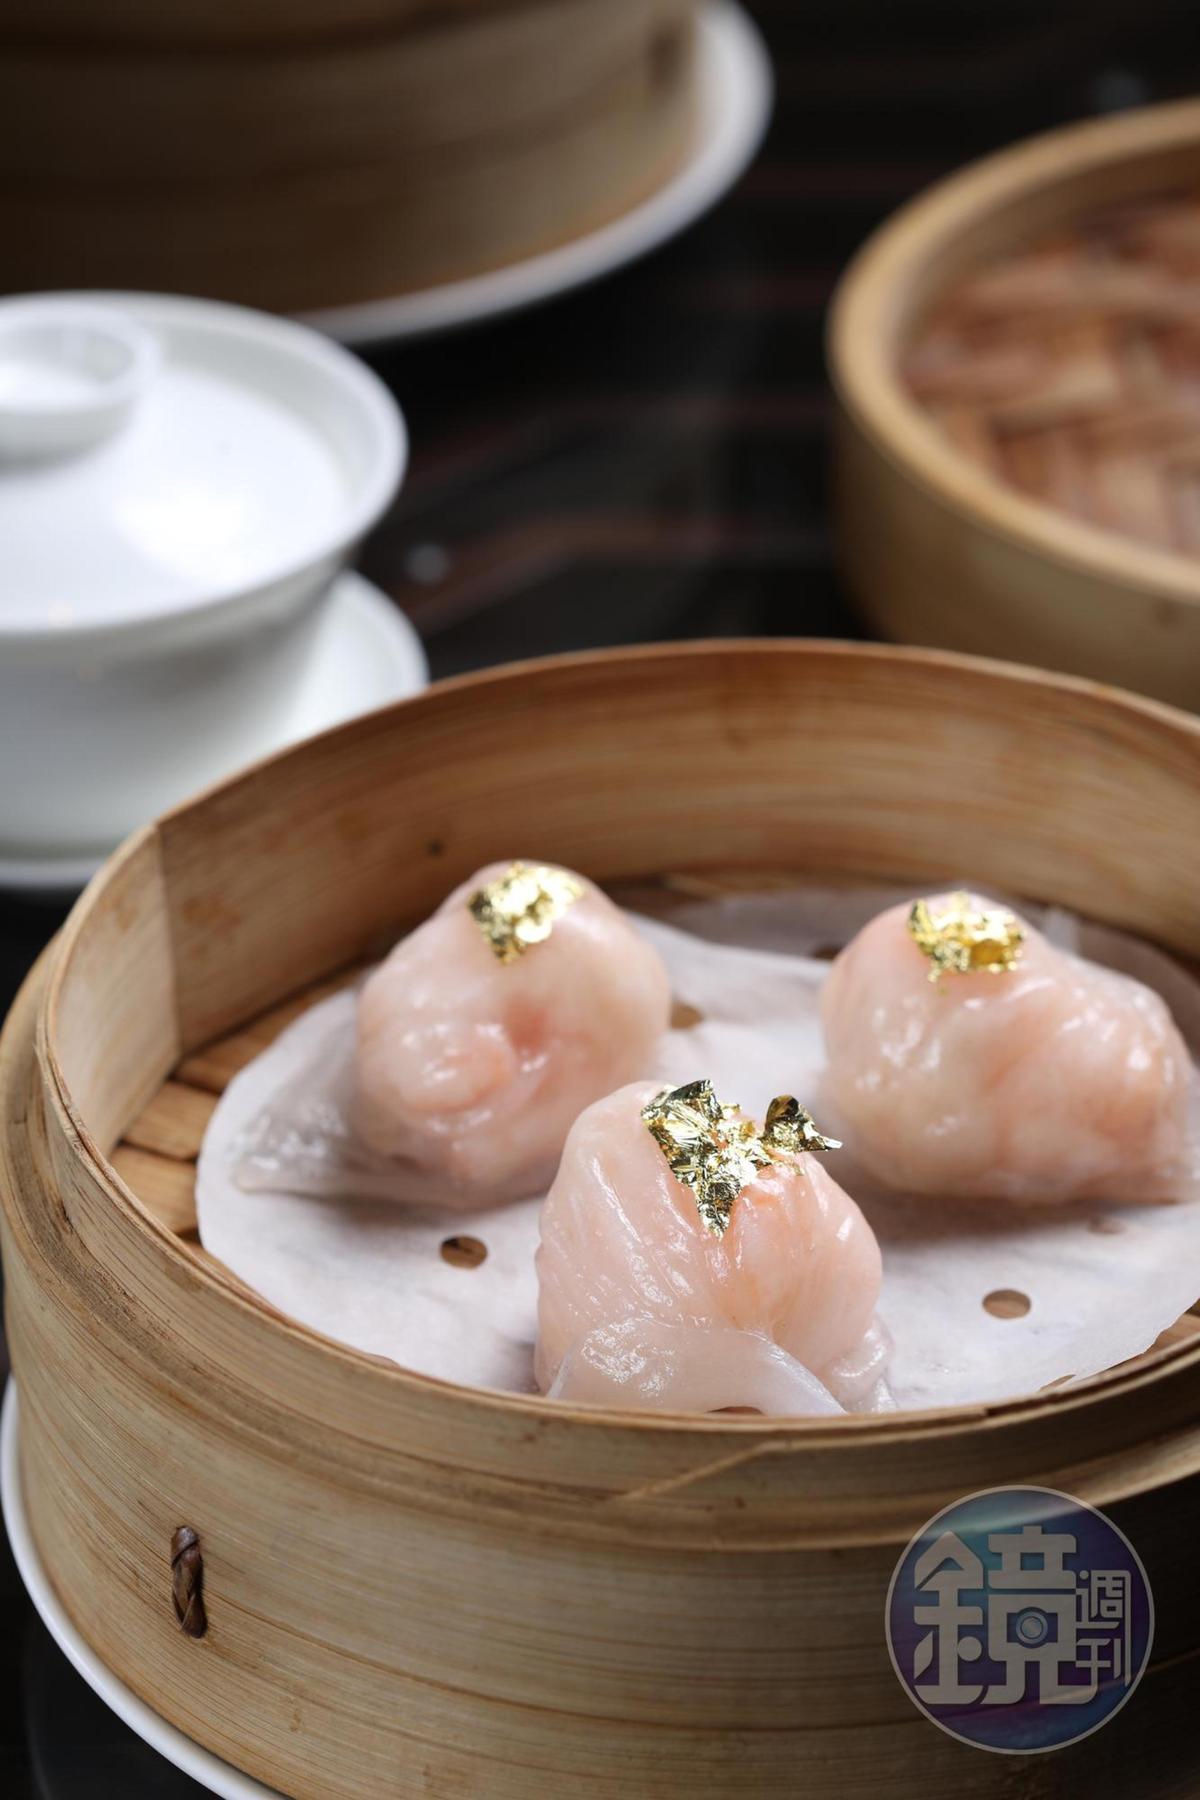 「香宮龍蝦餃」吃得到龍蝦的鮮甜。(26歐元/份,約NT$930)